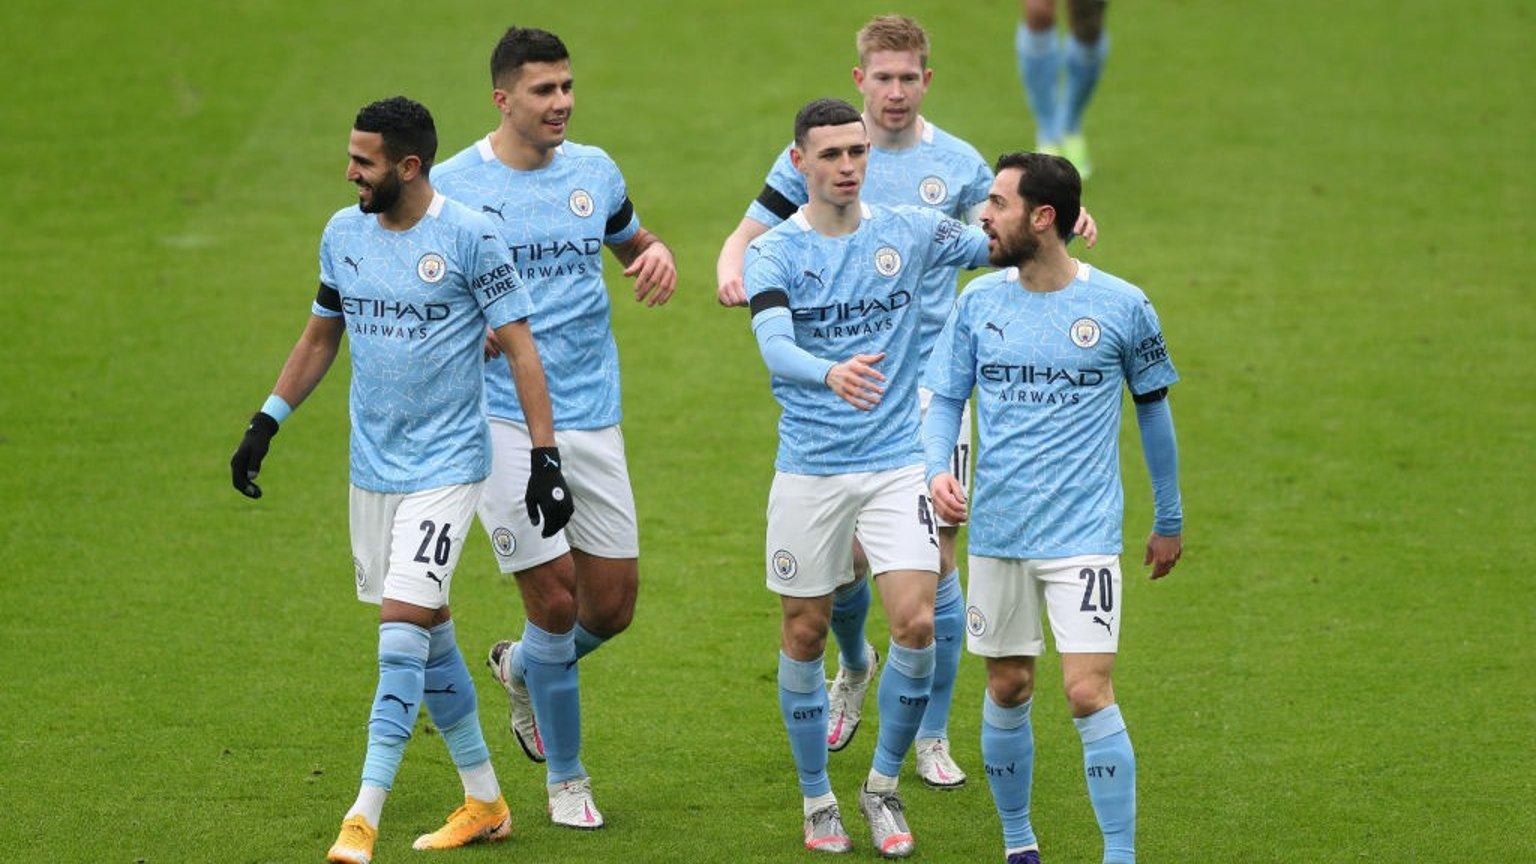 FA컵 매치 리포트 | CITY 3–0 버밍엄